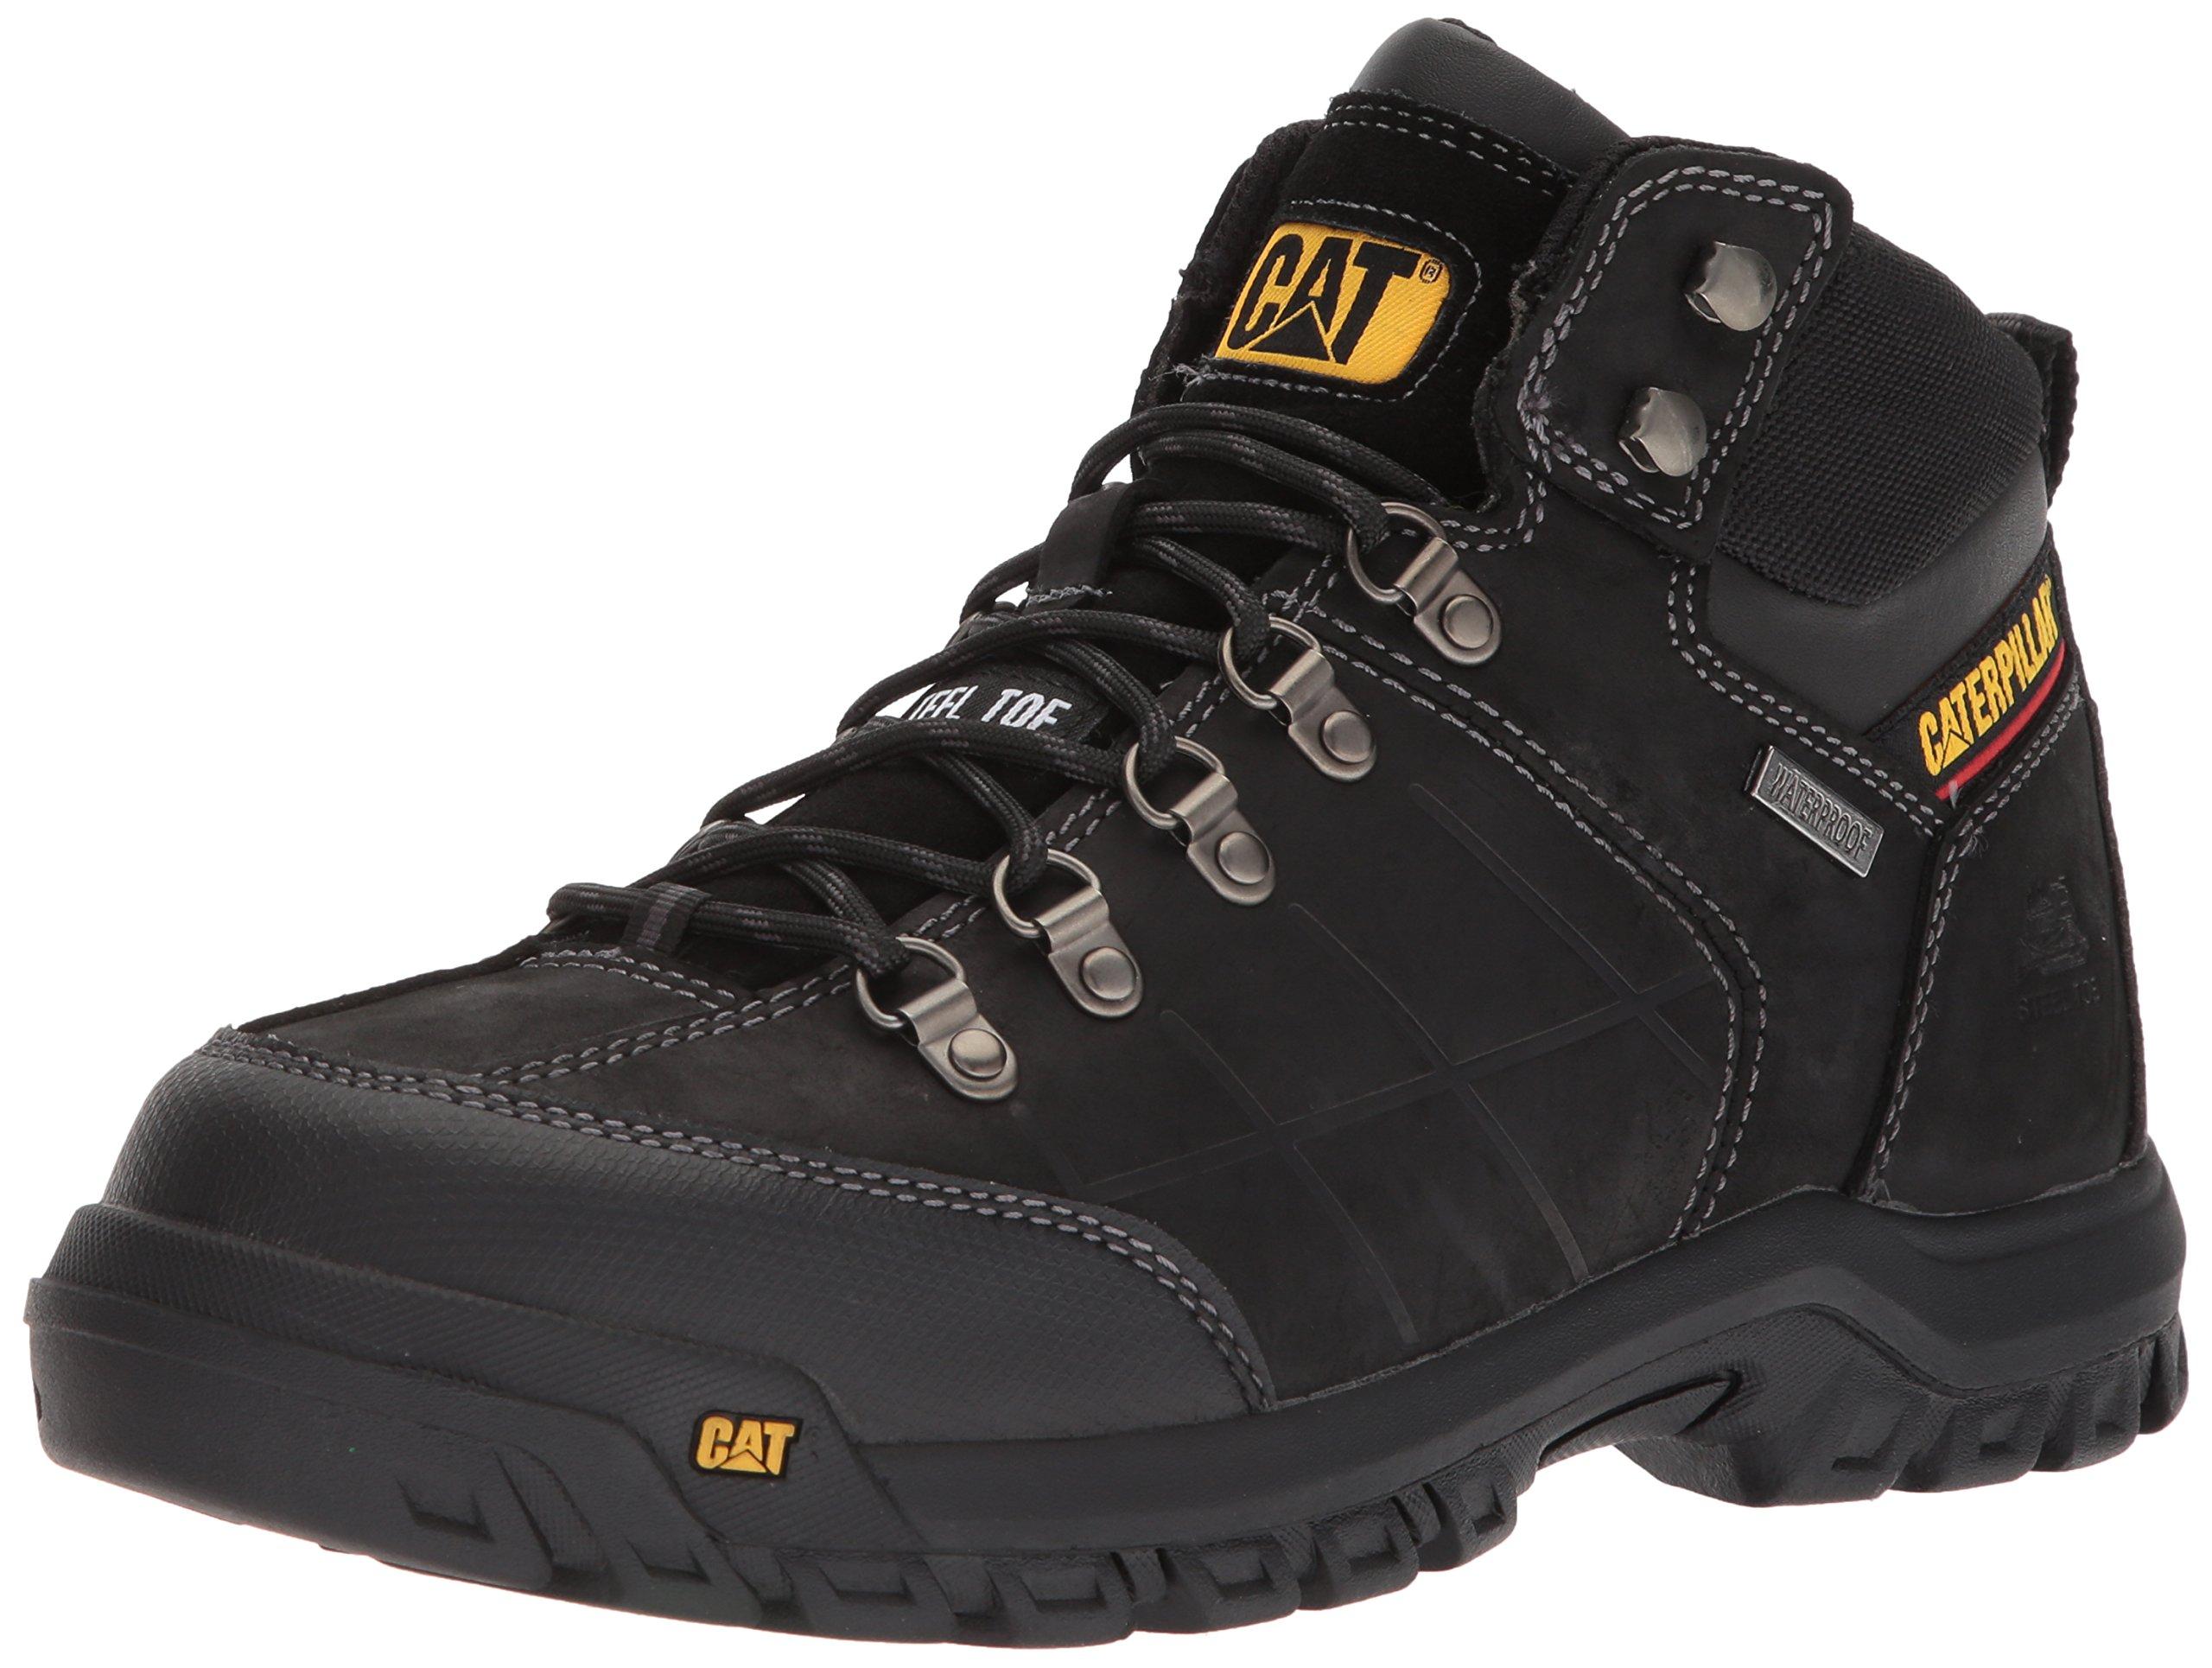 Caterpillar Men's Threshold Waterproof Steel Toe Industrial Boot, Black, 10.5 M US